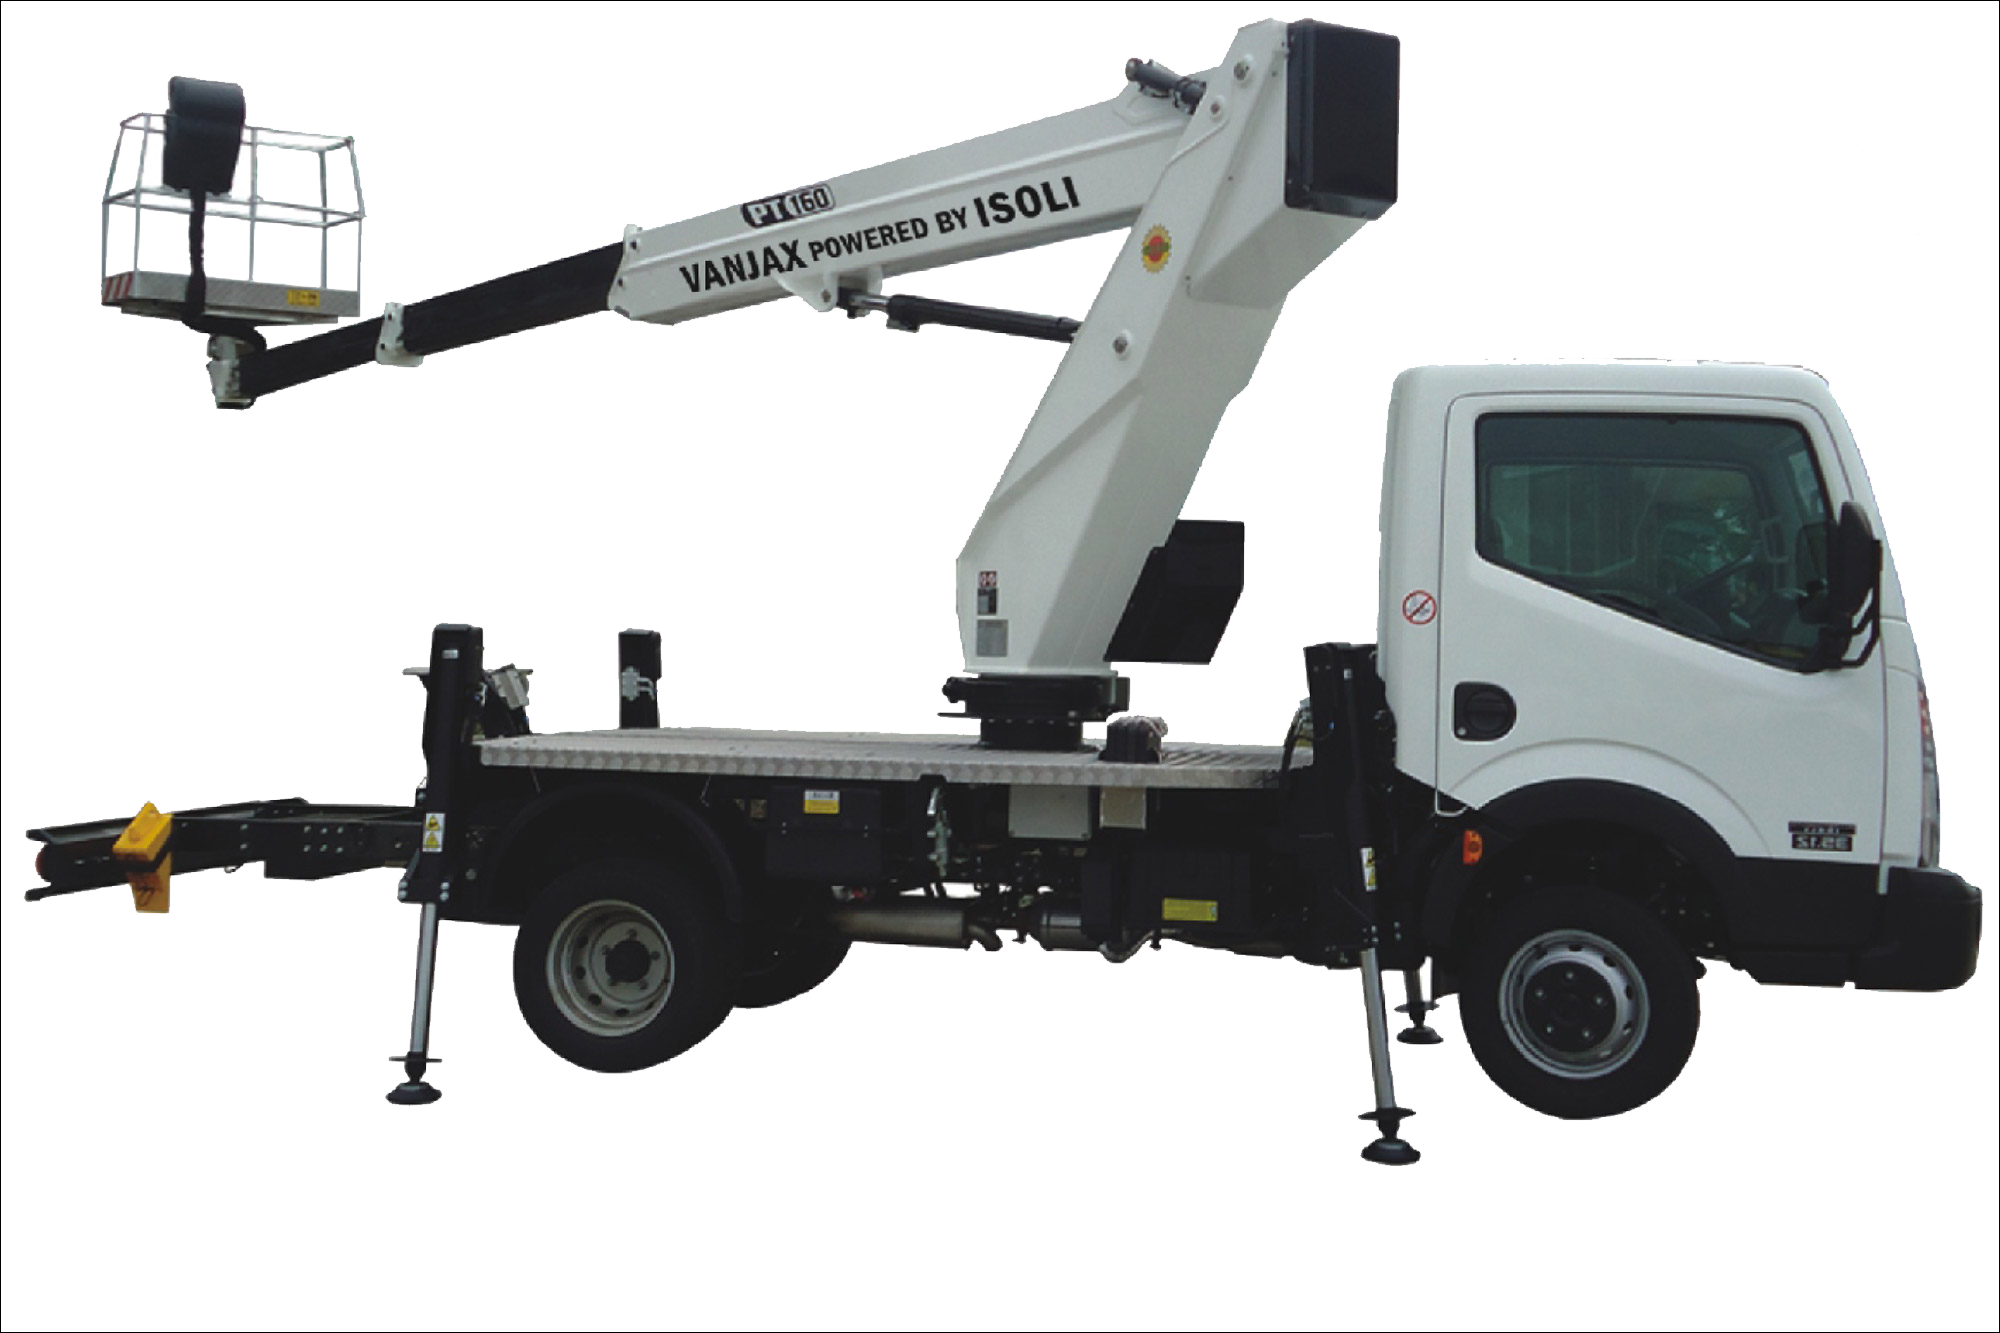 Hoogwerkers op vrachtauto om te werken op hoogte - Rentaga